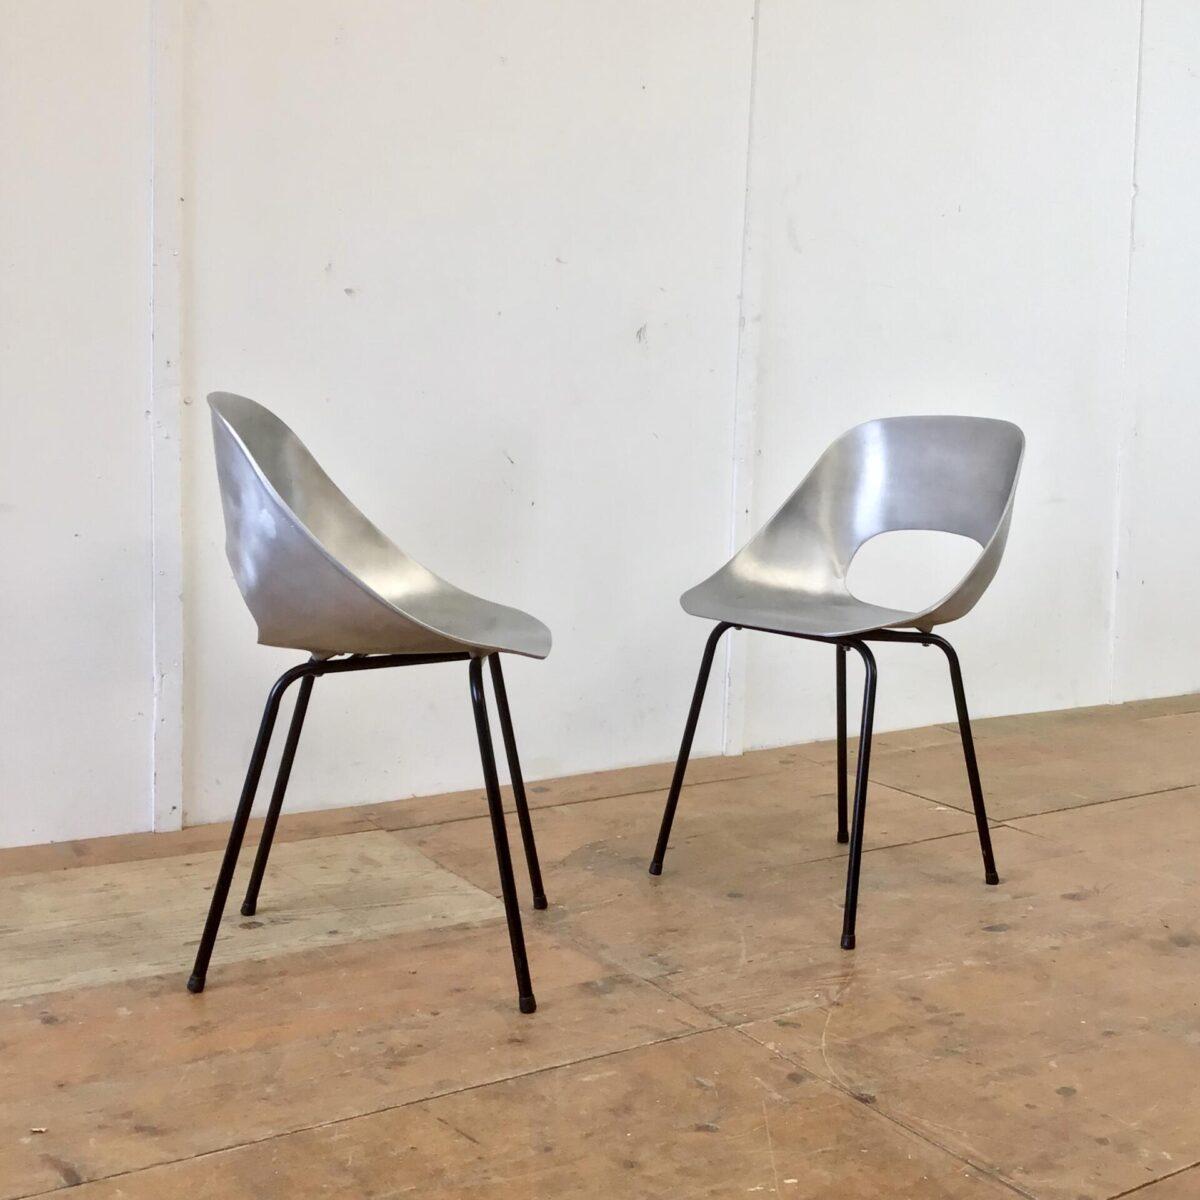 Deuxieme.shop Zwei Aluminium Stühle mit schwarzen Metallfüssen. Die Schalensitze sind aus massivem ca. 3mm dicken Aluminium. Hersteller und Produktionsverfahren unbekannt. Wenn man sich aufrecht reinsetzt sind die Stühle auch bequem. Die Lehne dürfte etwas weiter nach hinten geneigt sein. Optisch sehen die Schalen mit den Löchern, und der matten Oberfläche, aber sehr hochwertig und eigenwillig aus. Sie würden sich dank den wetterbeständigen Materialen auch für draussen eignen.